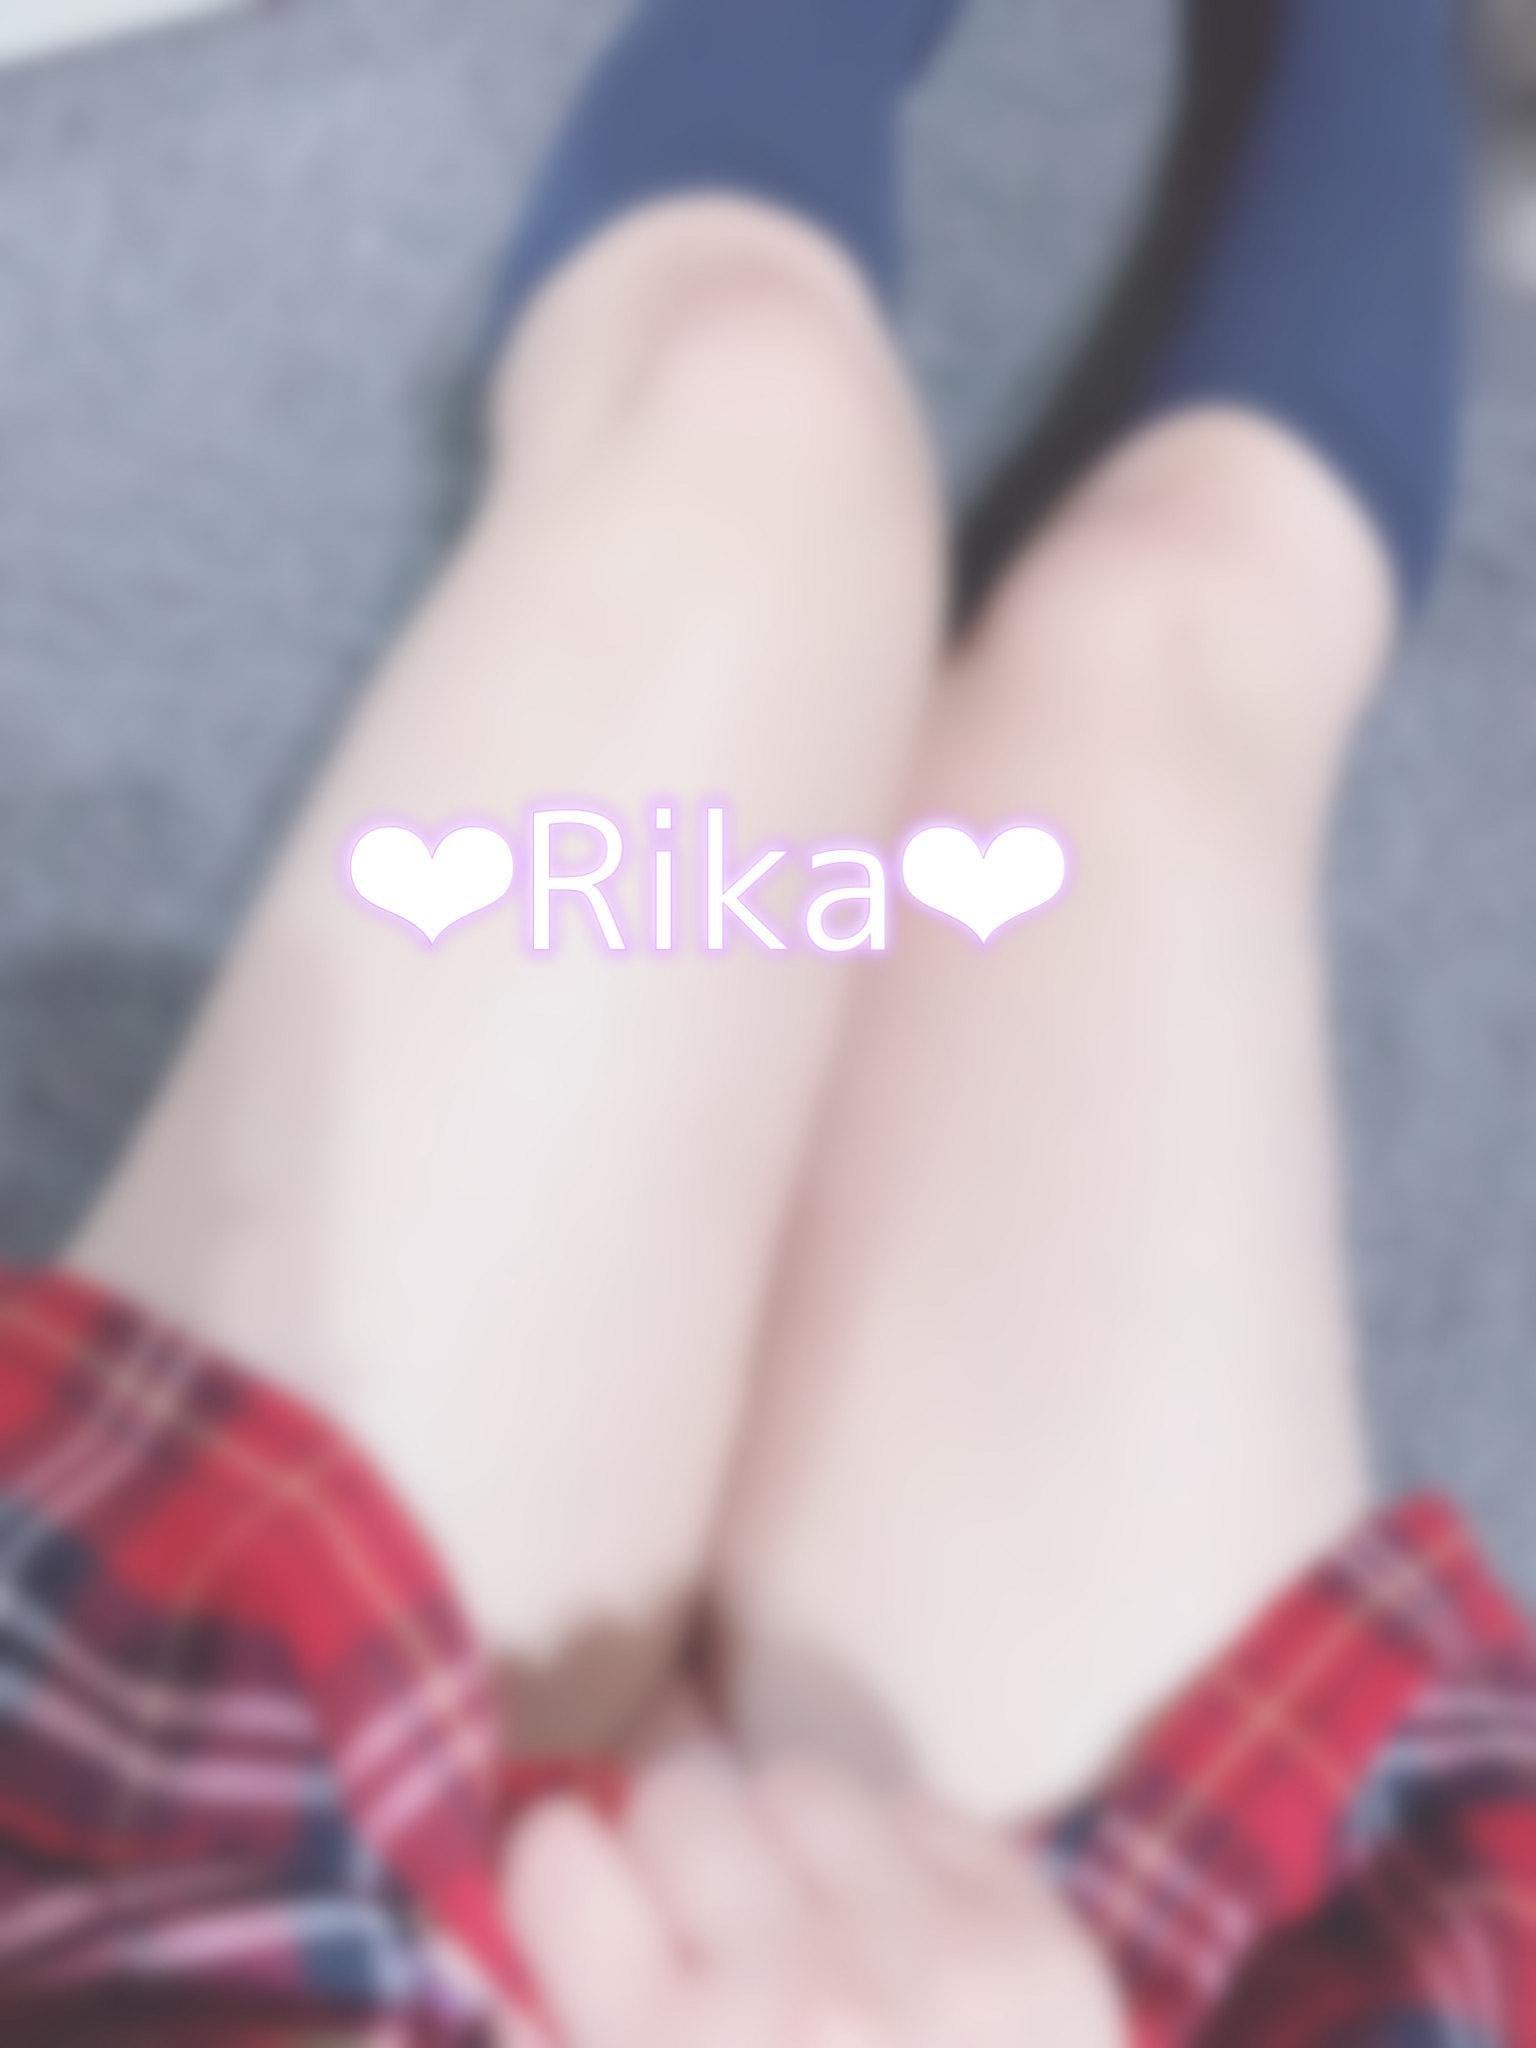 「あたたかいね♡」02/08(月) 13:31 | りかの写メ・風俗動画